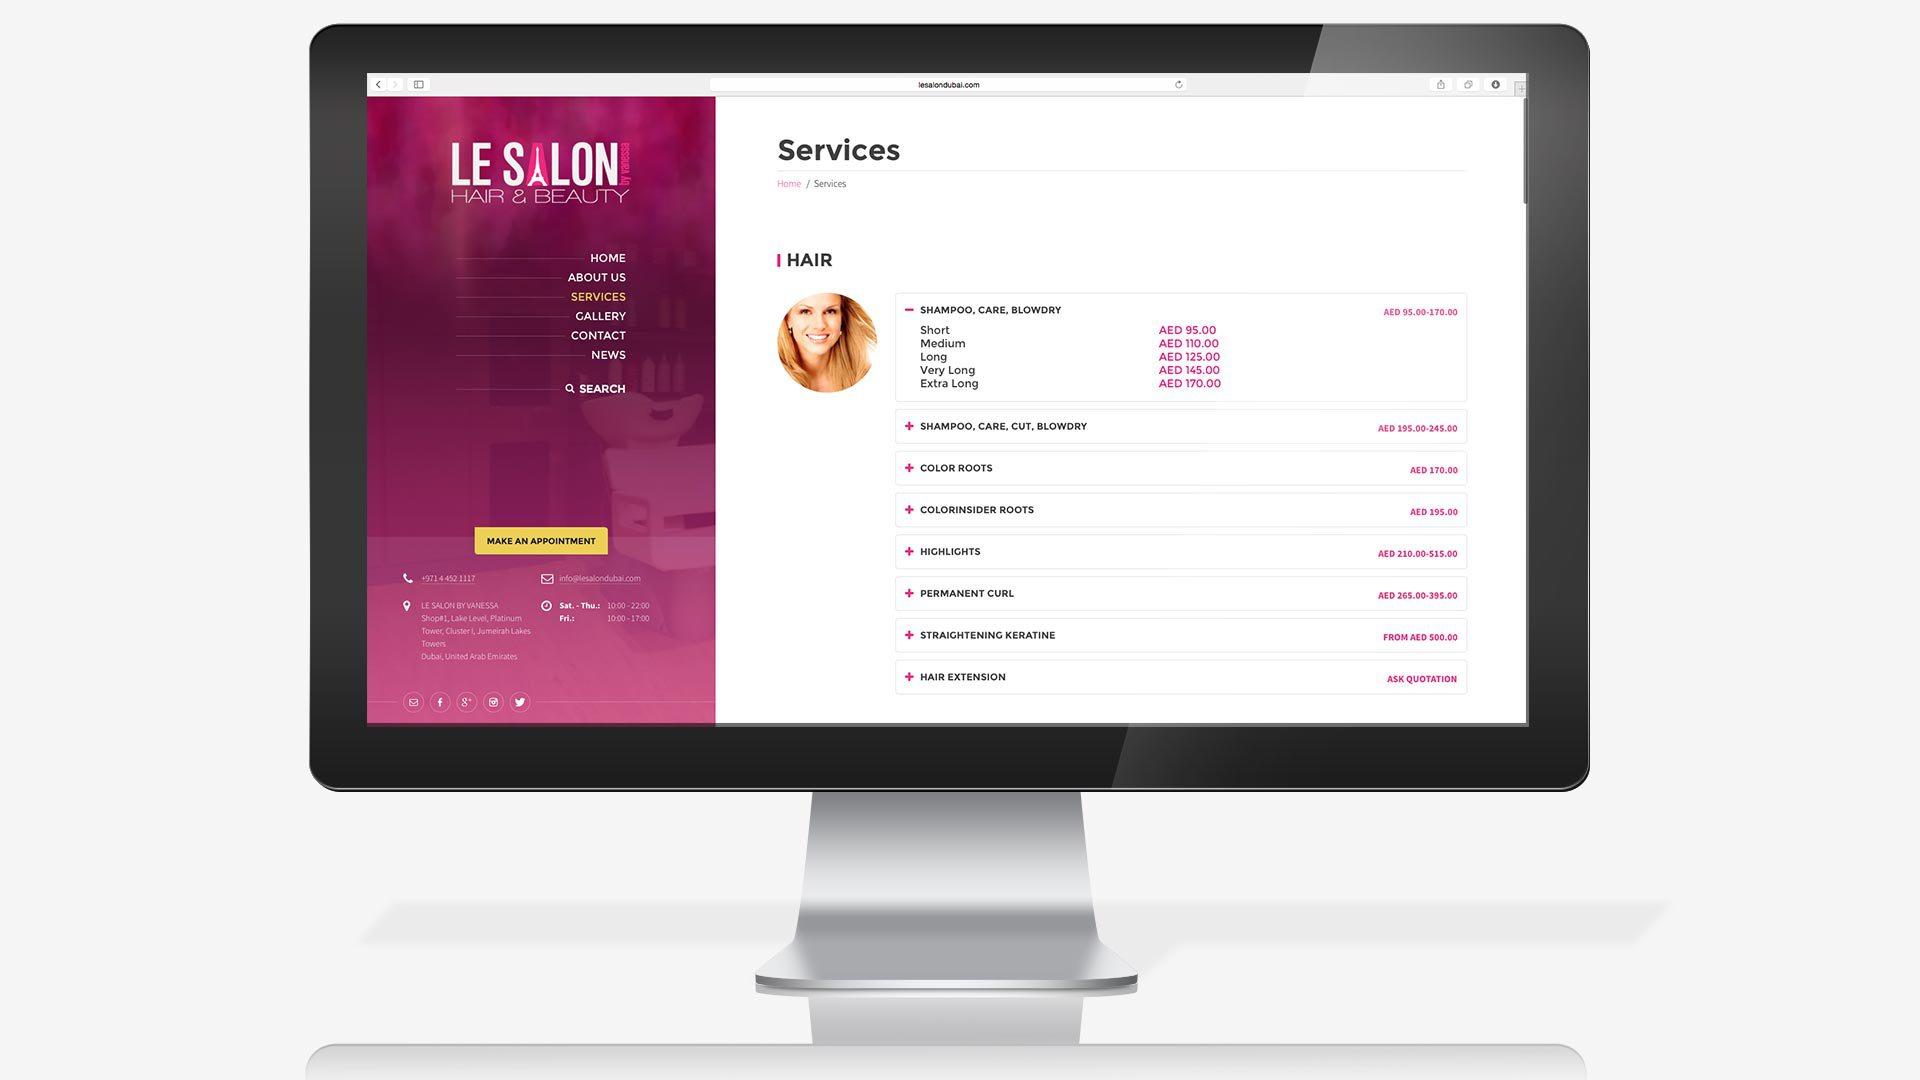 le-salon-website-services